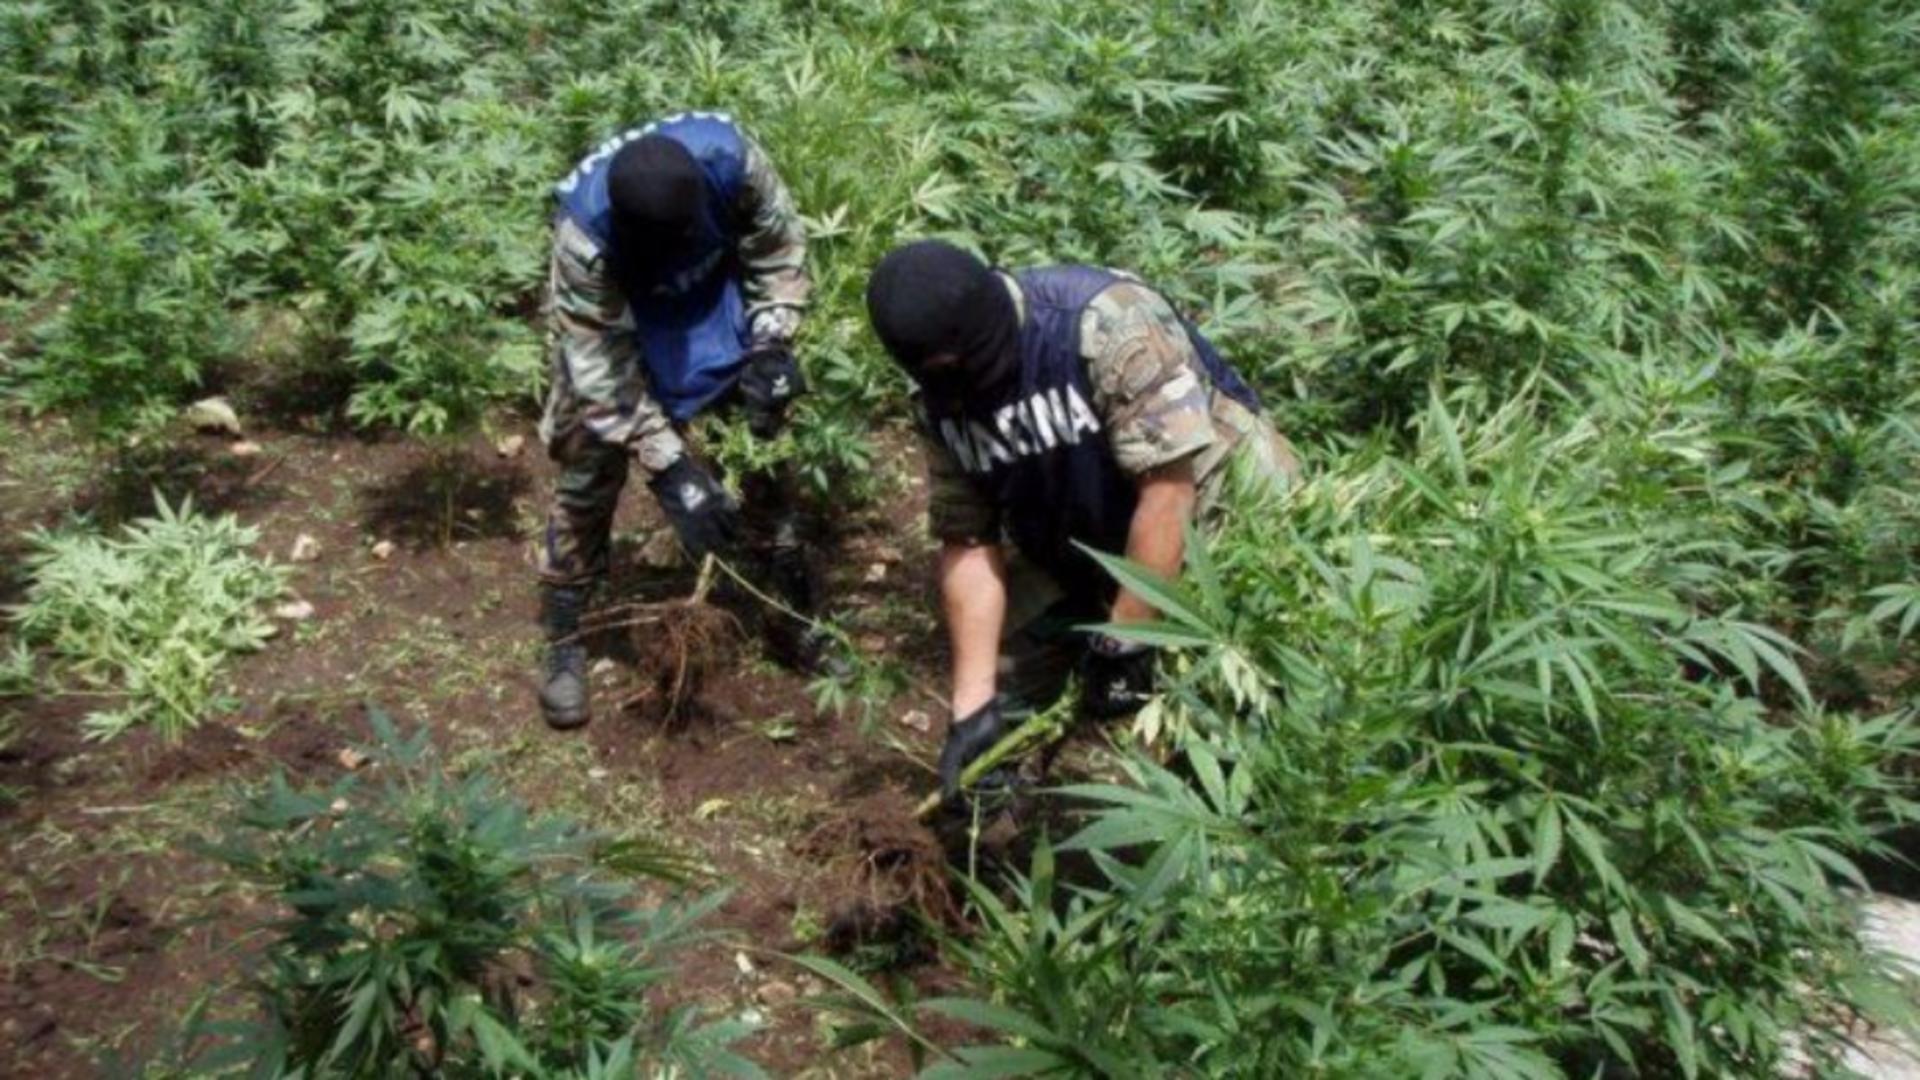 Nouă saci de rafie plini cu marijuana au fost confiscați într-un sat din județul Botoșani